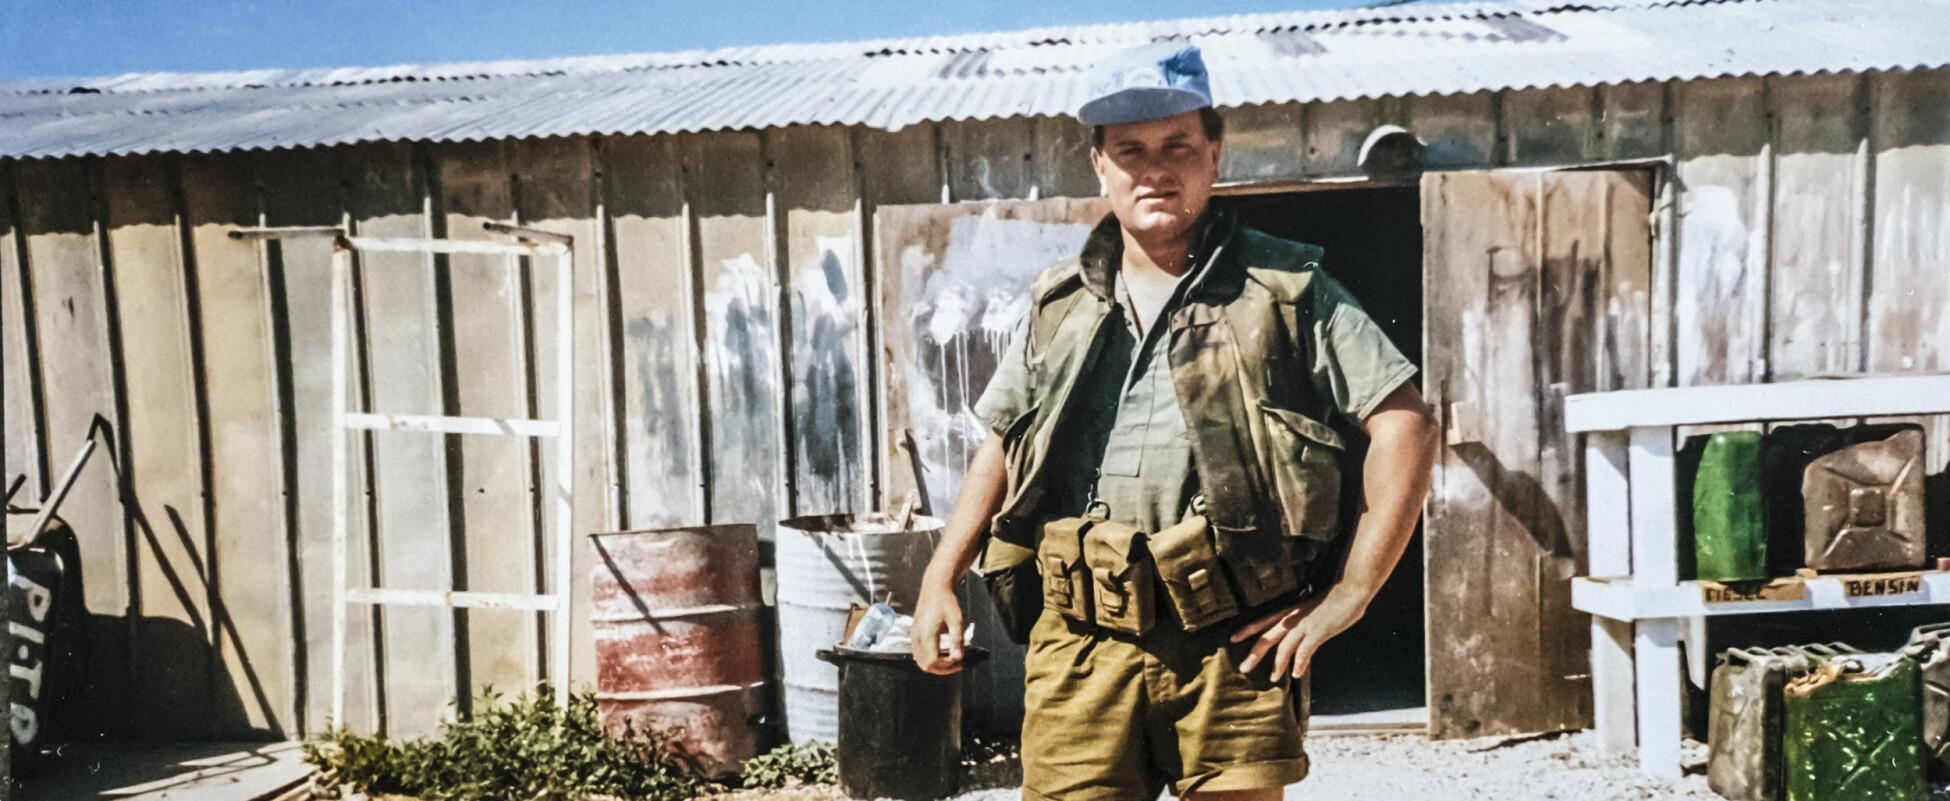 Ole Vikre kjemper for å få erstatning for psykiske sider han mener å ha pådratt seg etter oppdrag i Libanon. Foto: Privat